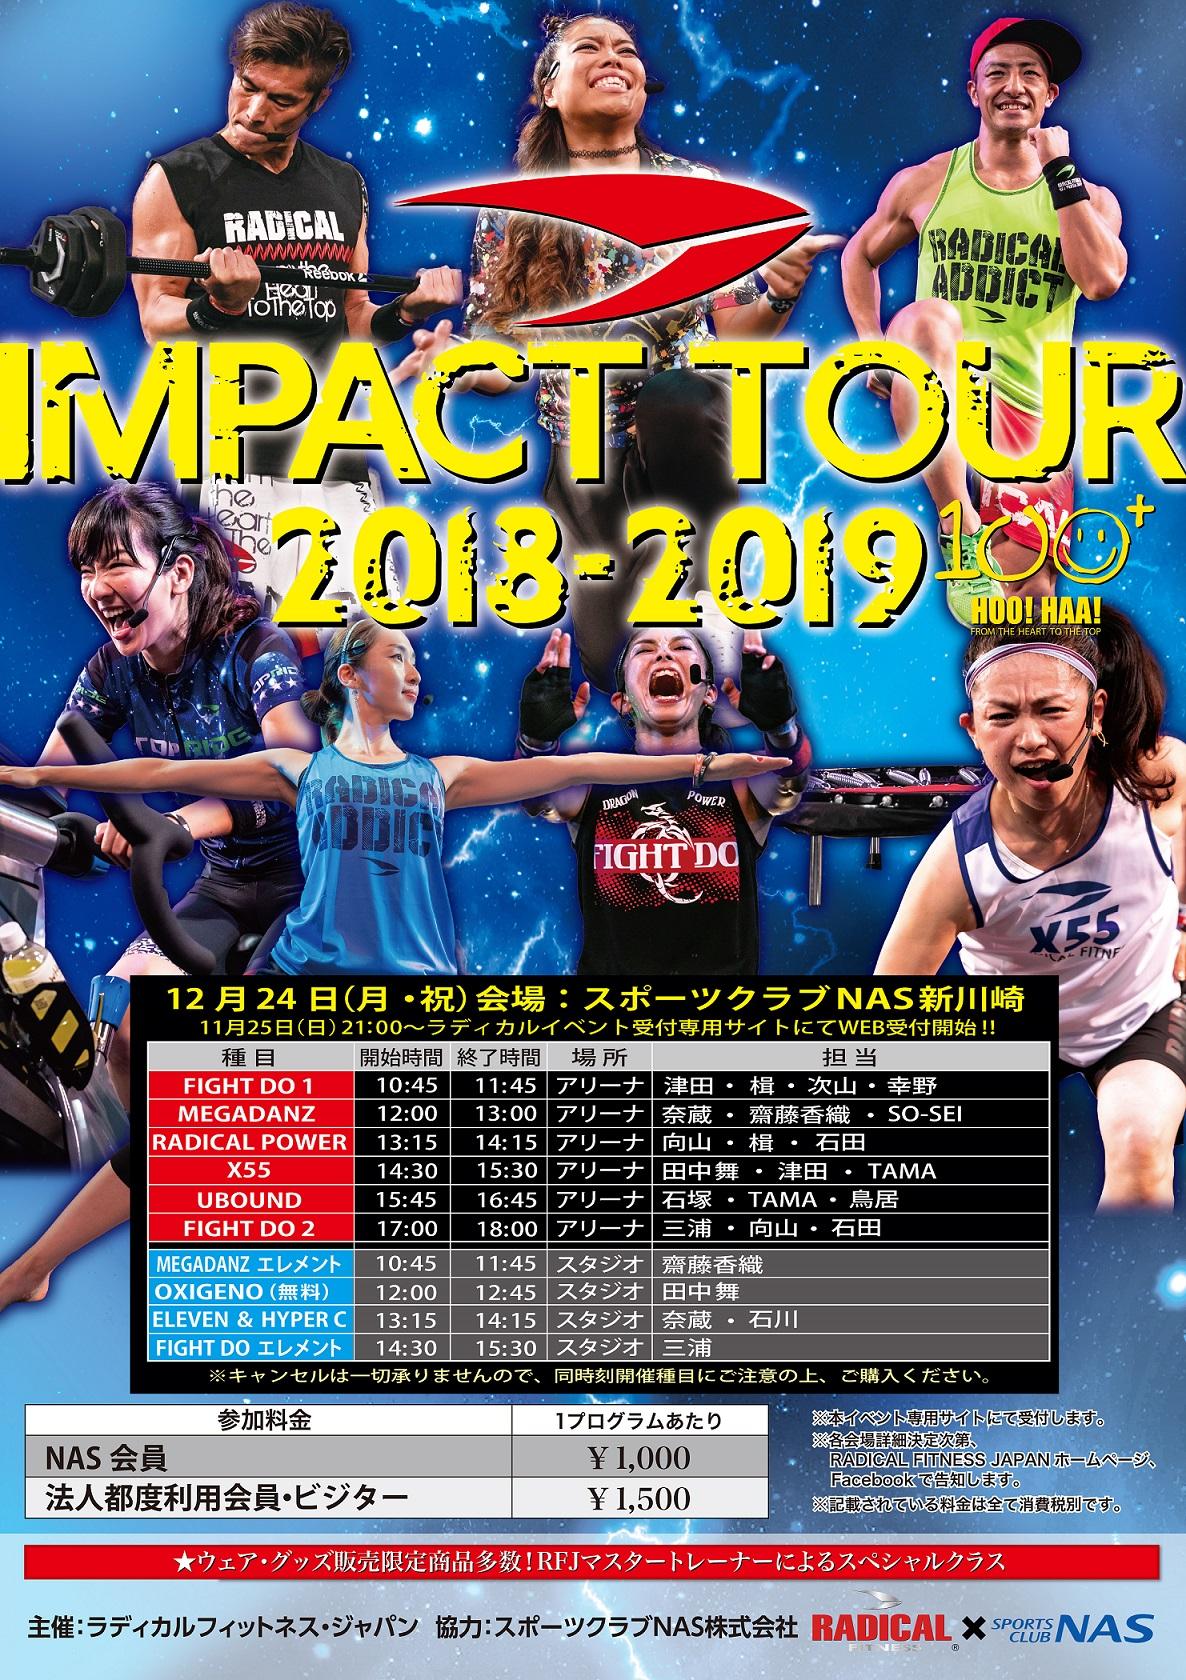 ラディカルインパクトツアー2018-2019 in NAS新川崎 ビジター様